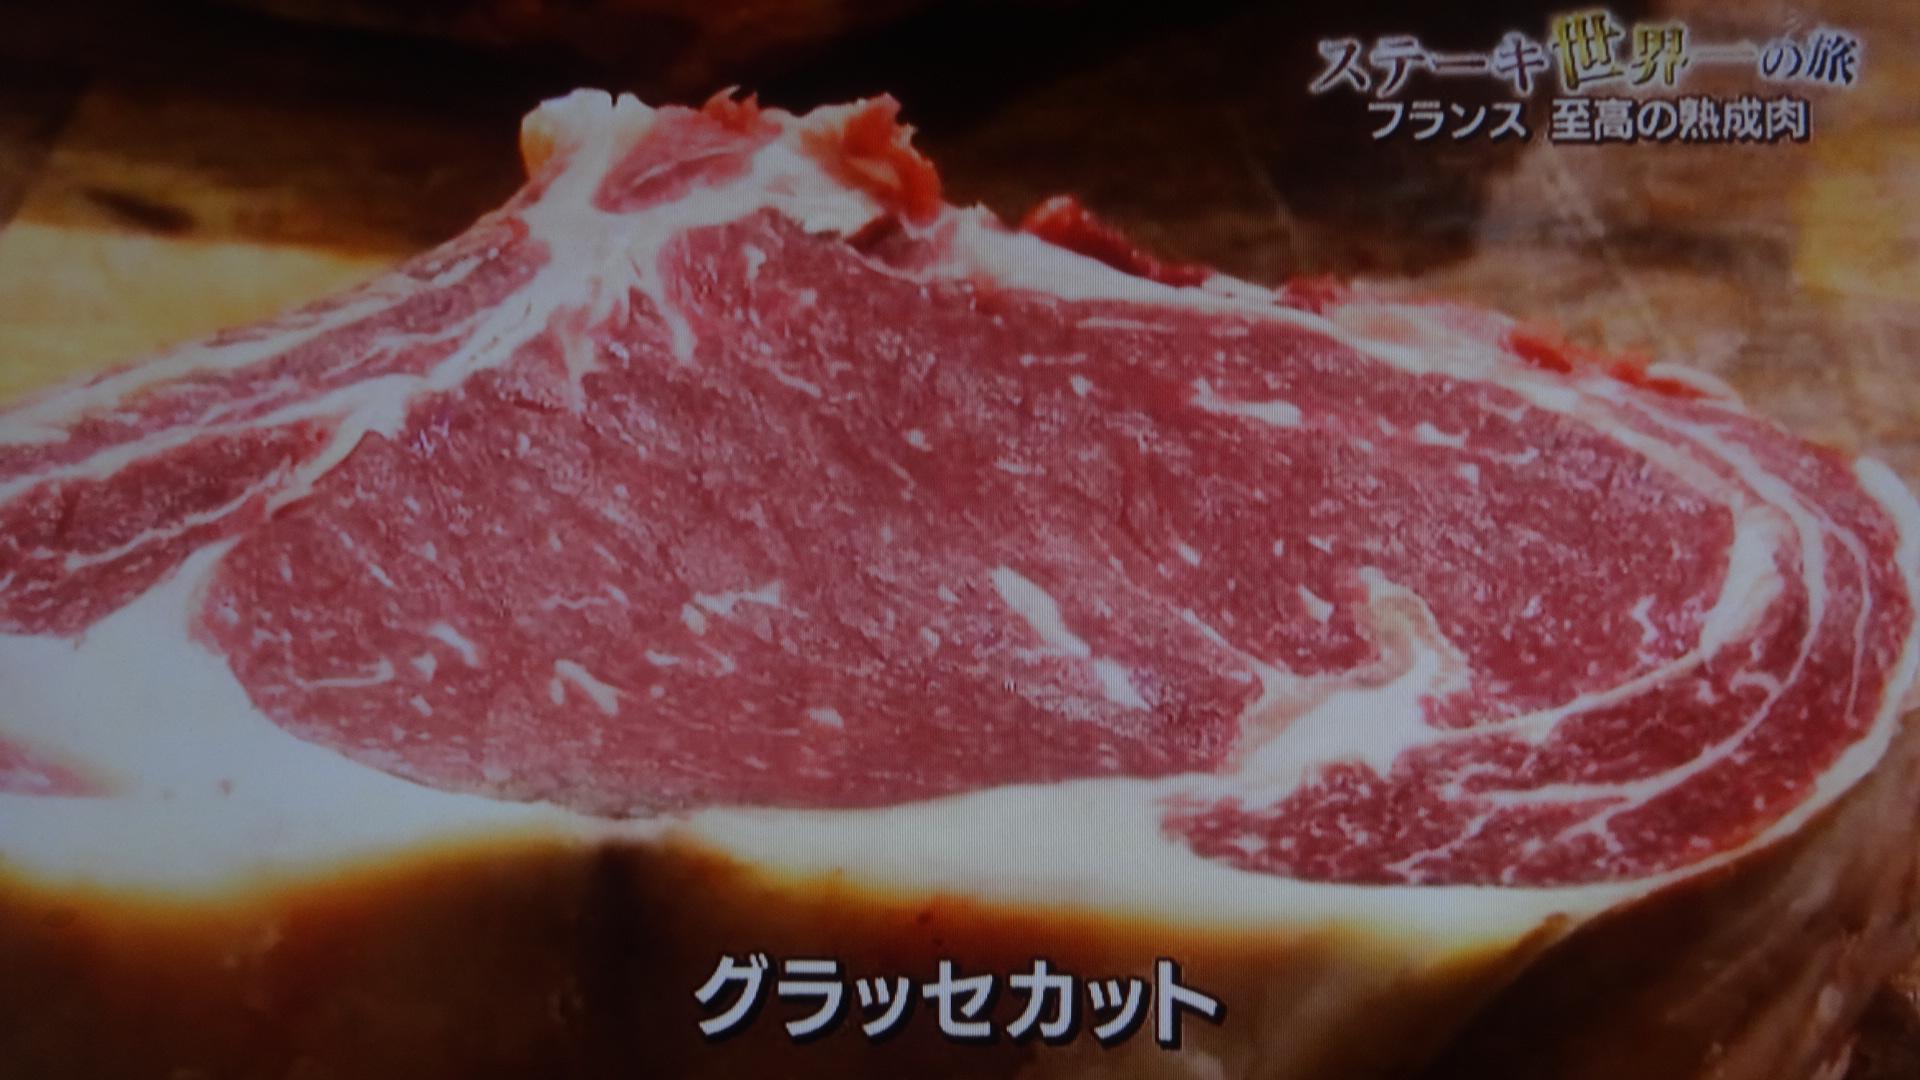 グラッセカットされた肉